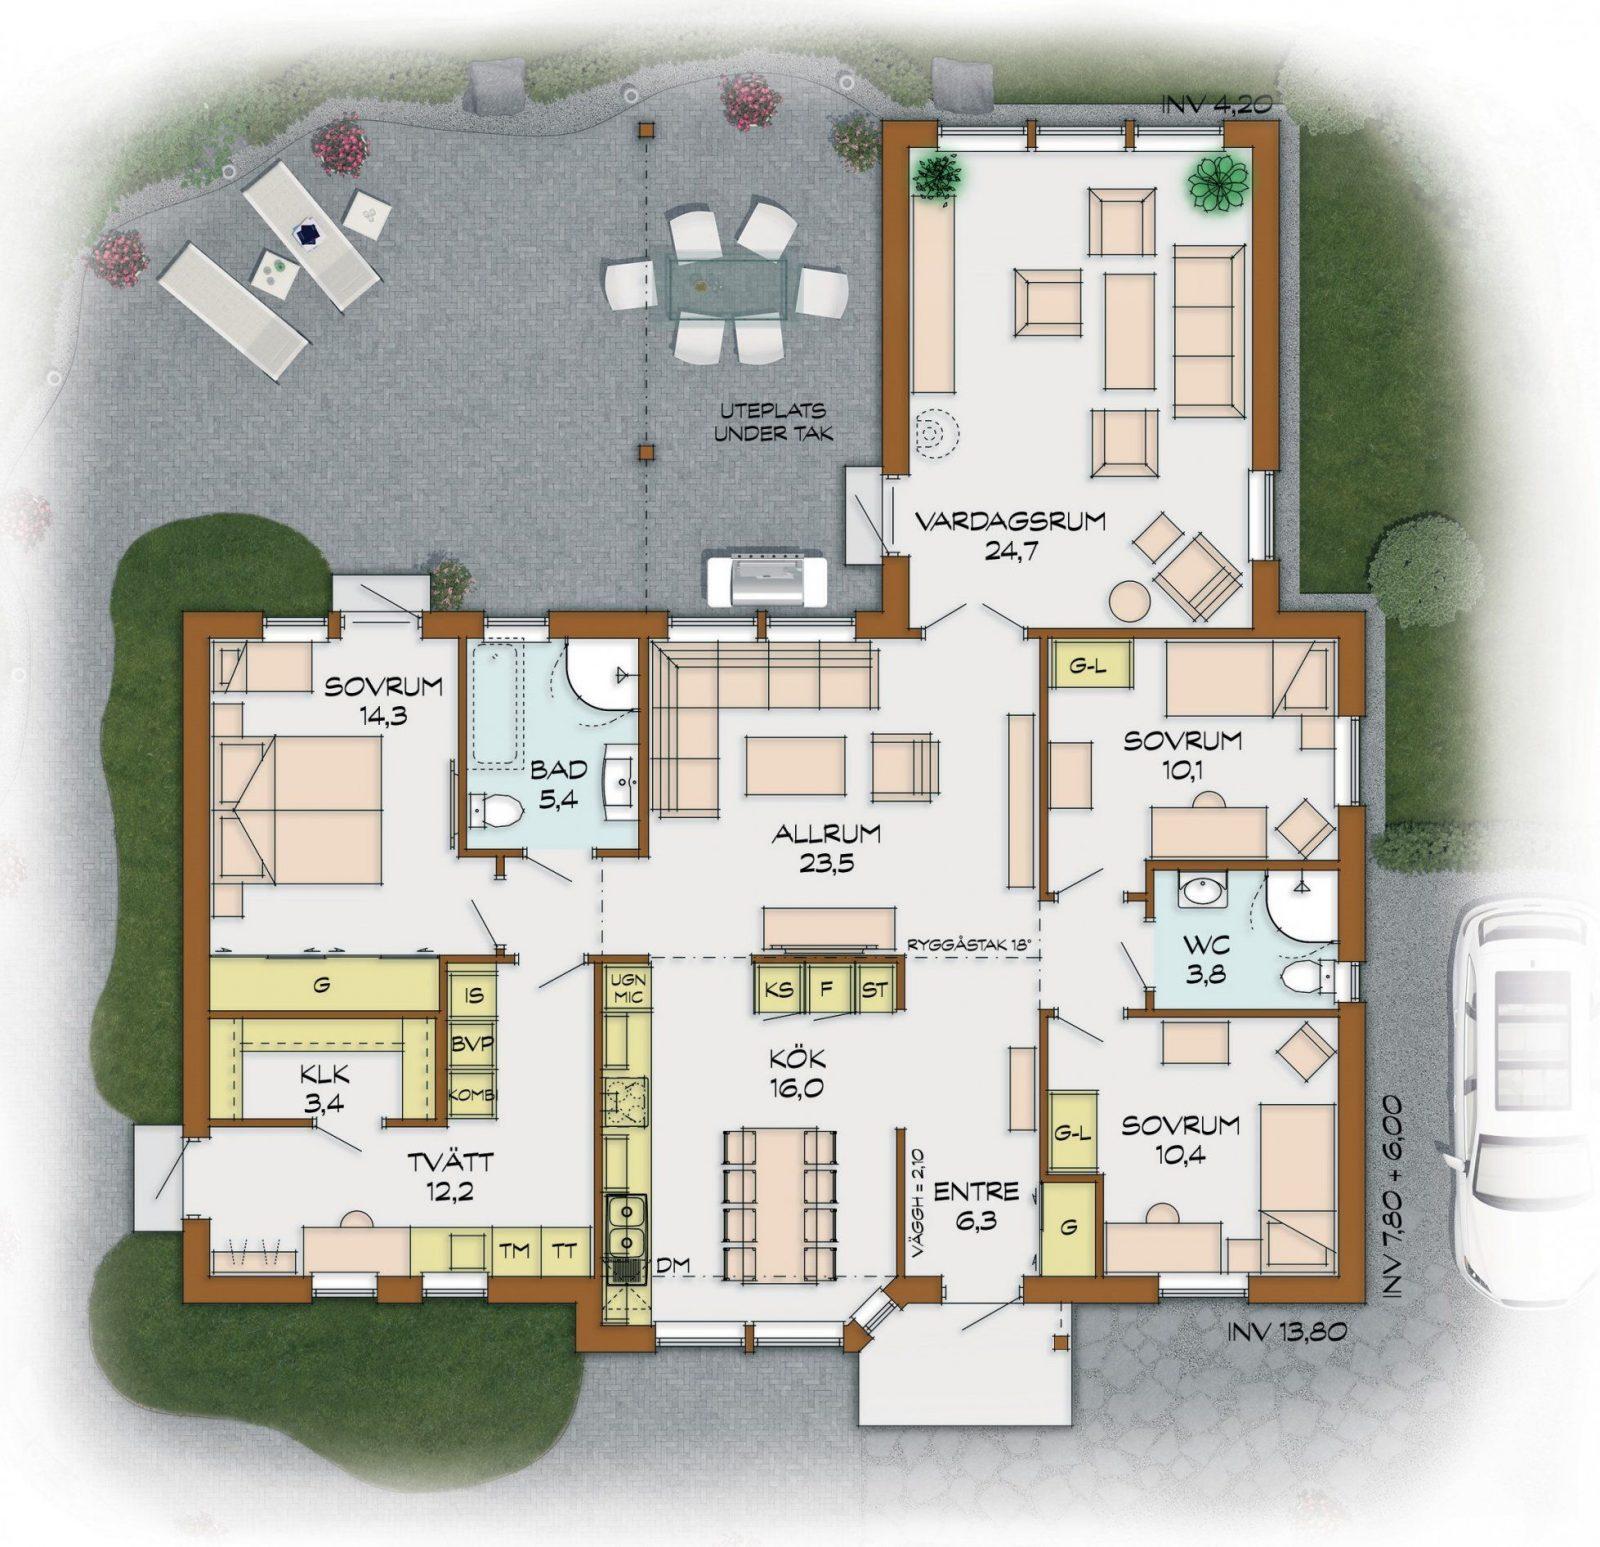 5 Zimmer Bungalow von Bungalow Grundriss 5 Zimmer Bild